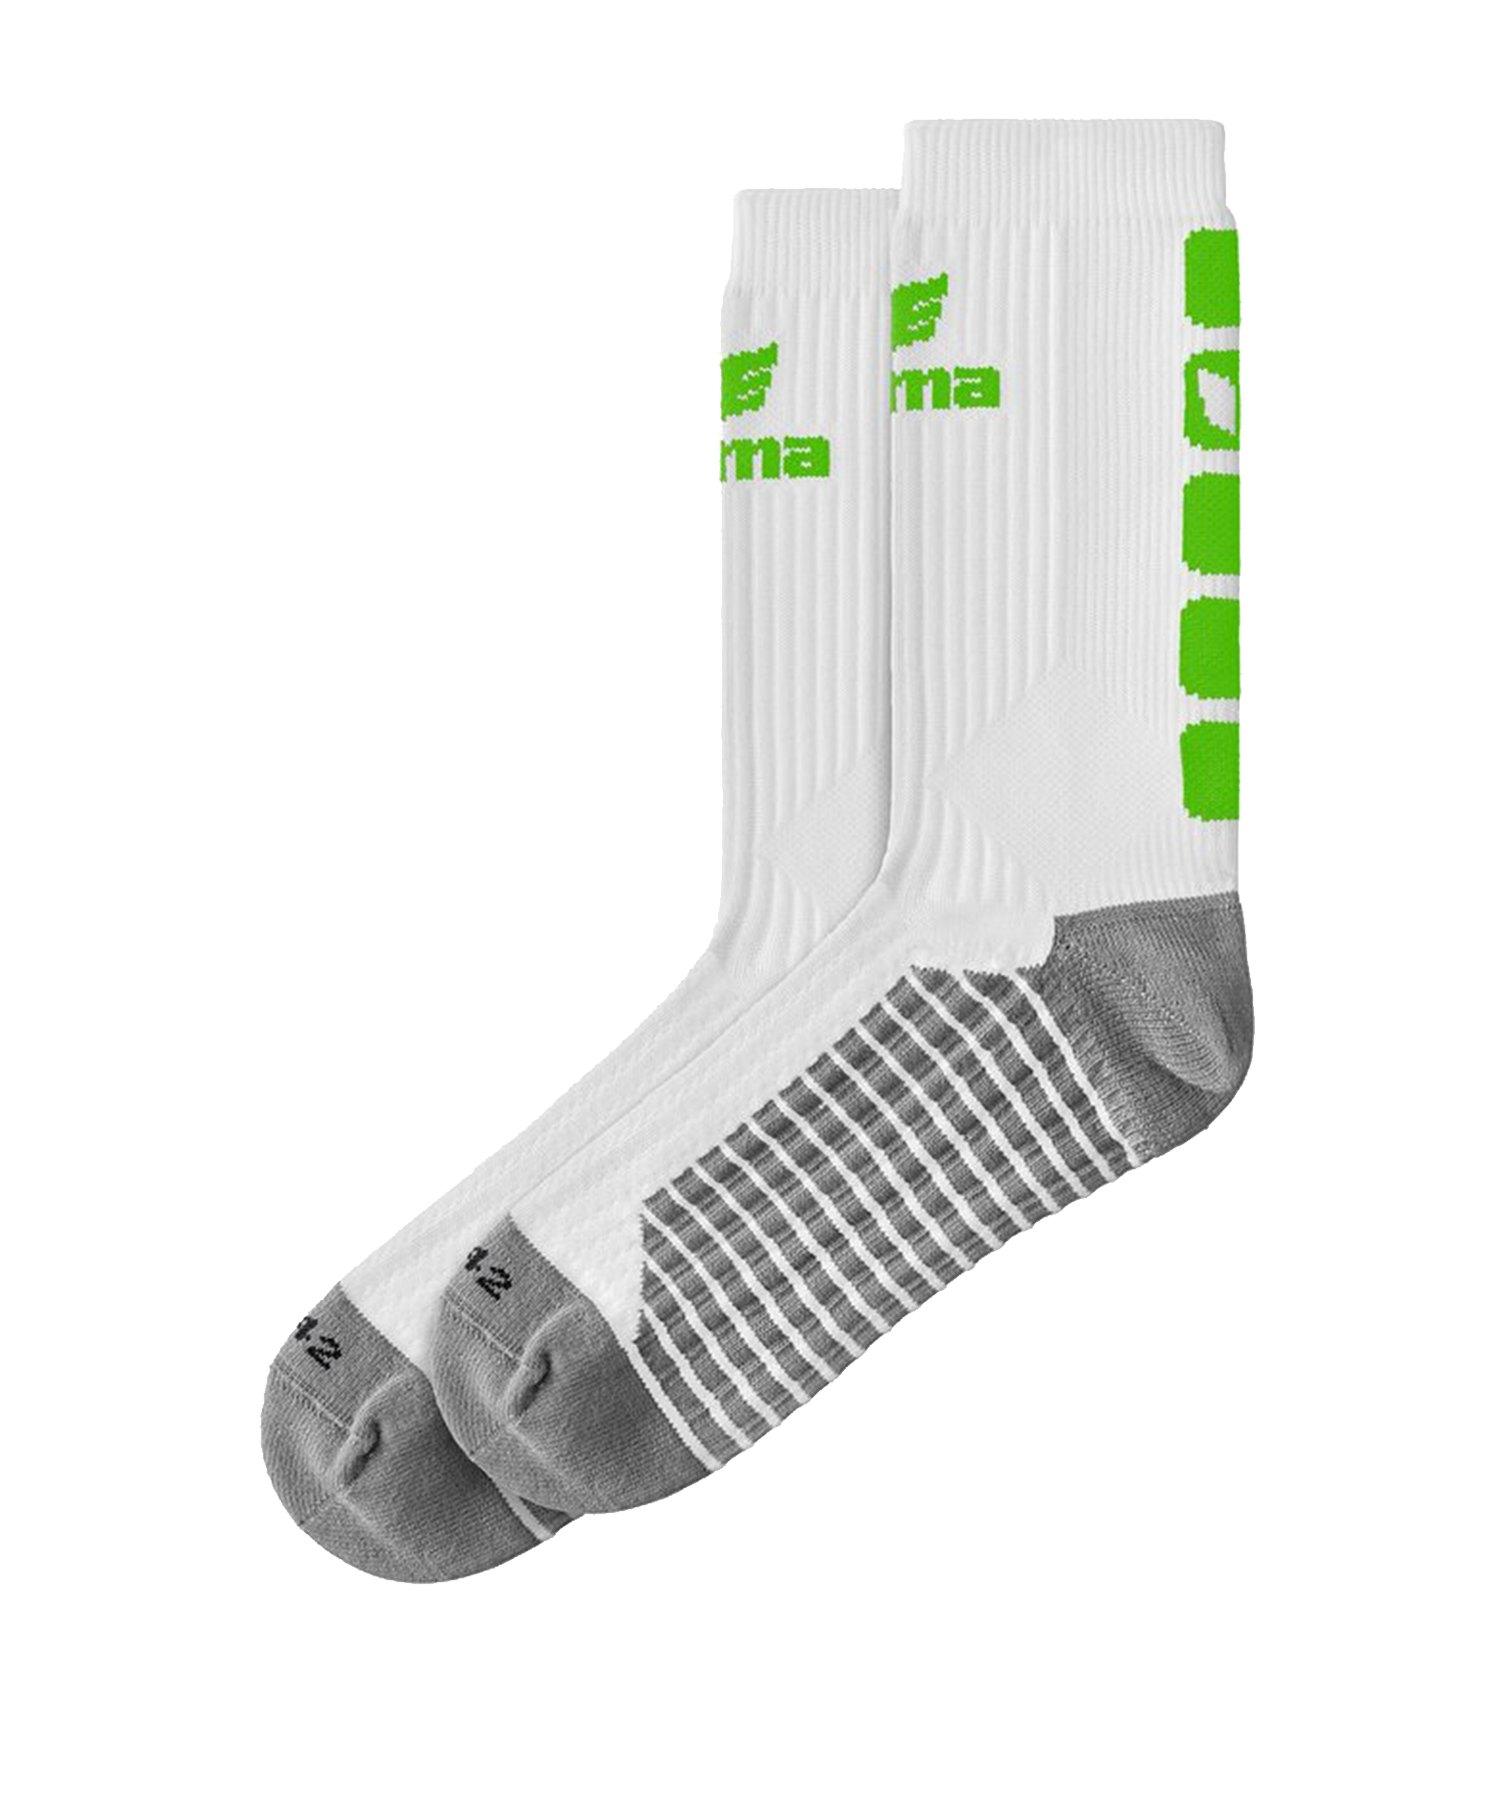 Erima CLASSIC 5-C Socken Weiss Grün - Weiss